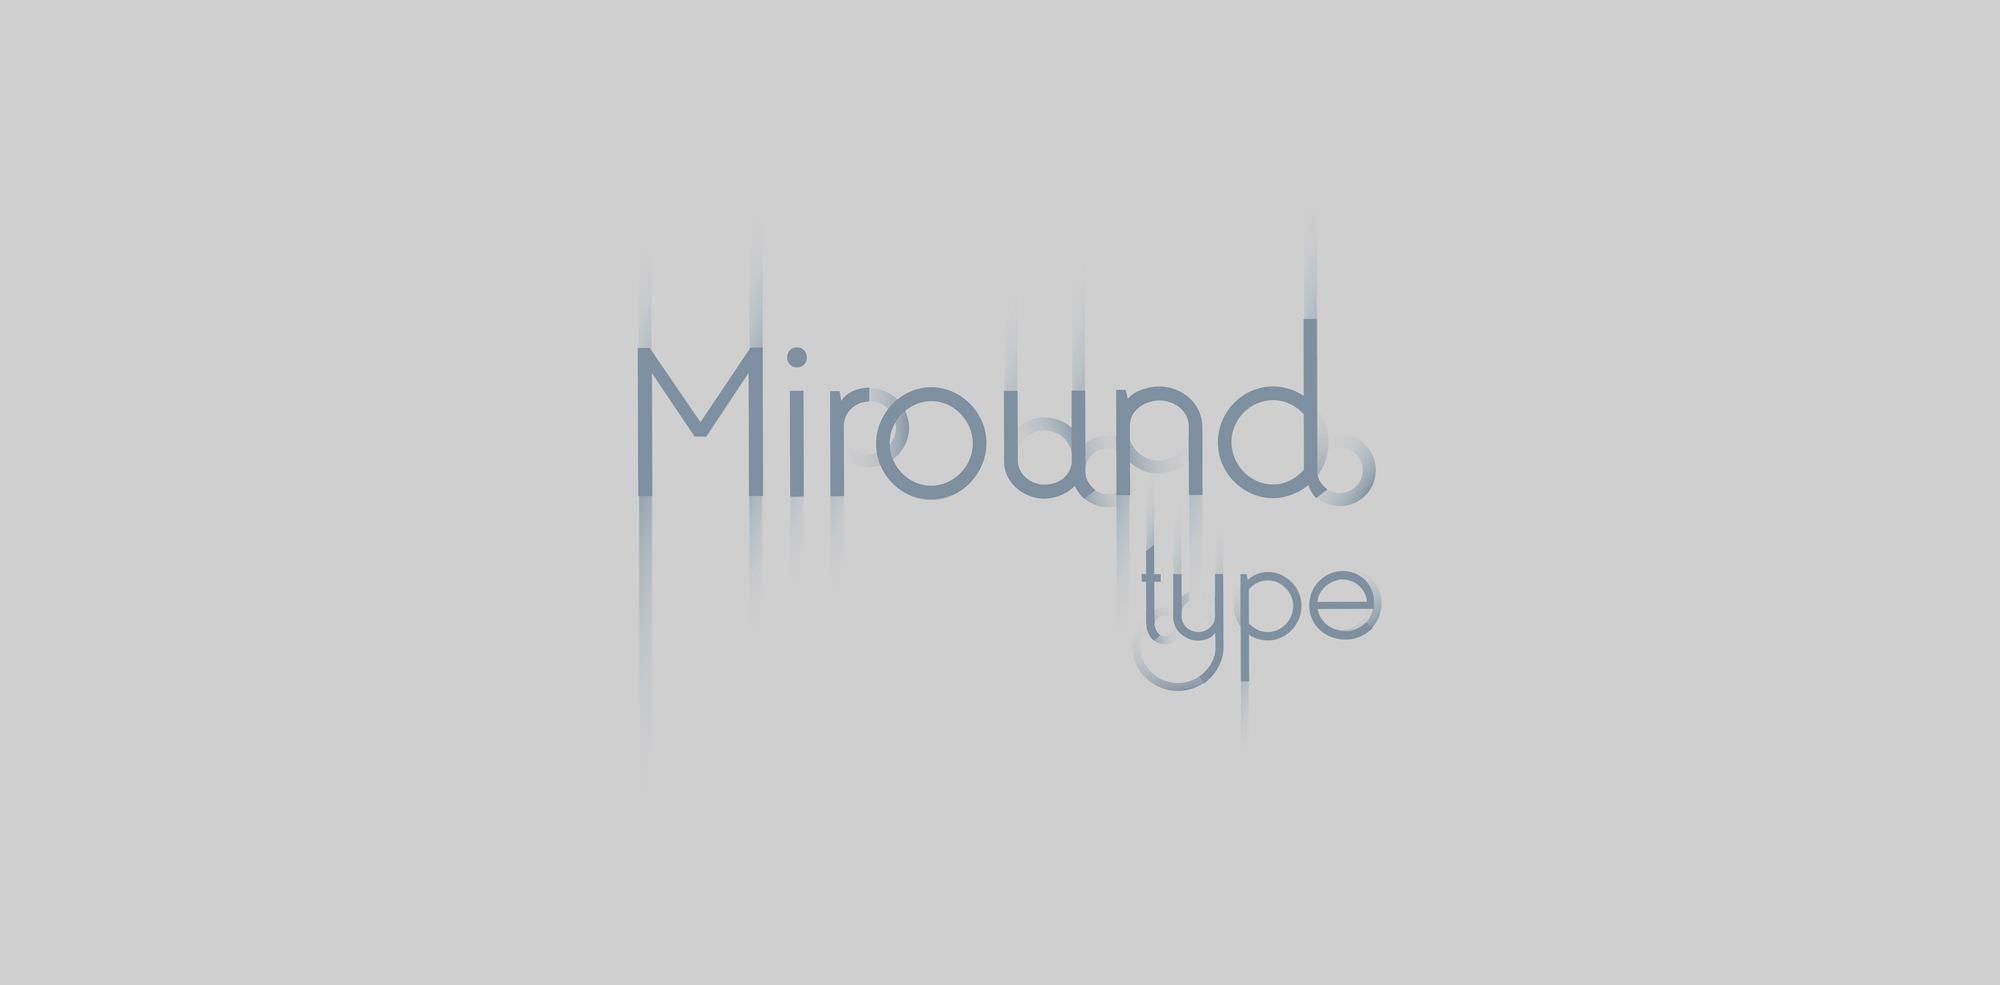 Miround-type-11